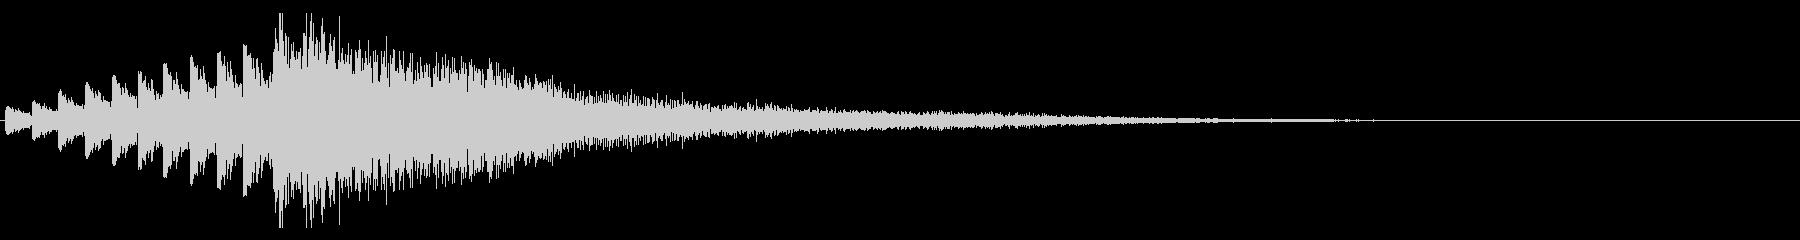 持続文字列パッドへのドラムの未再生の波形